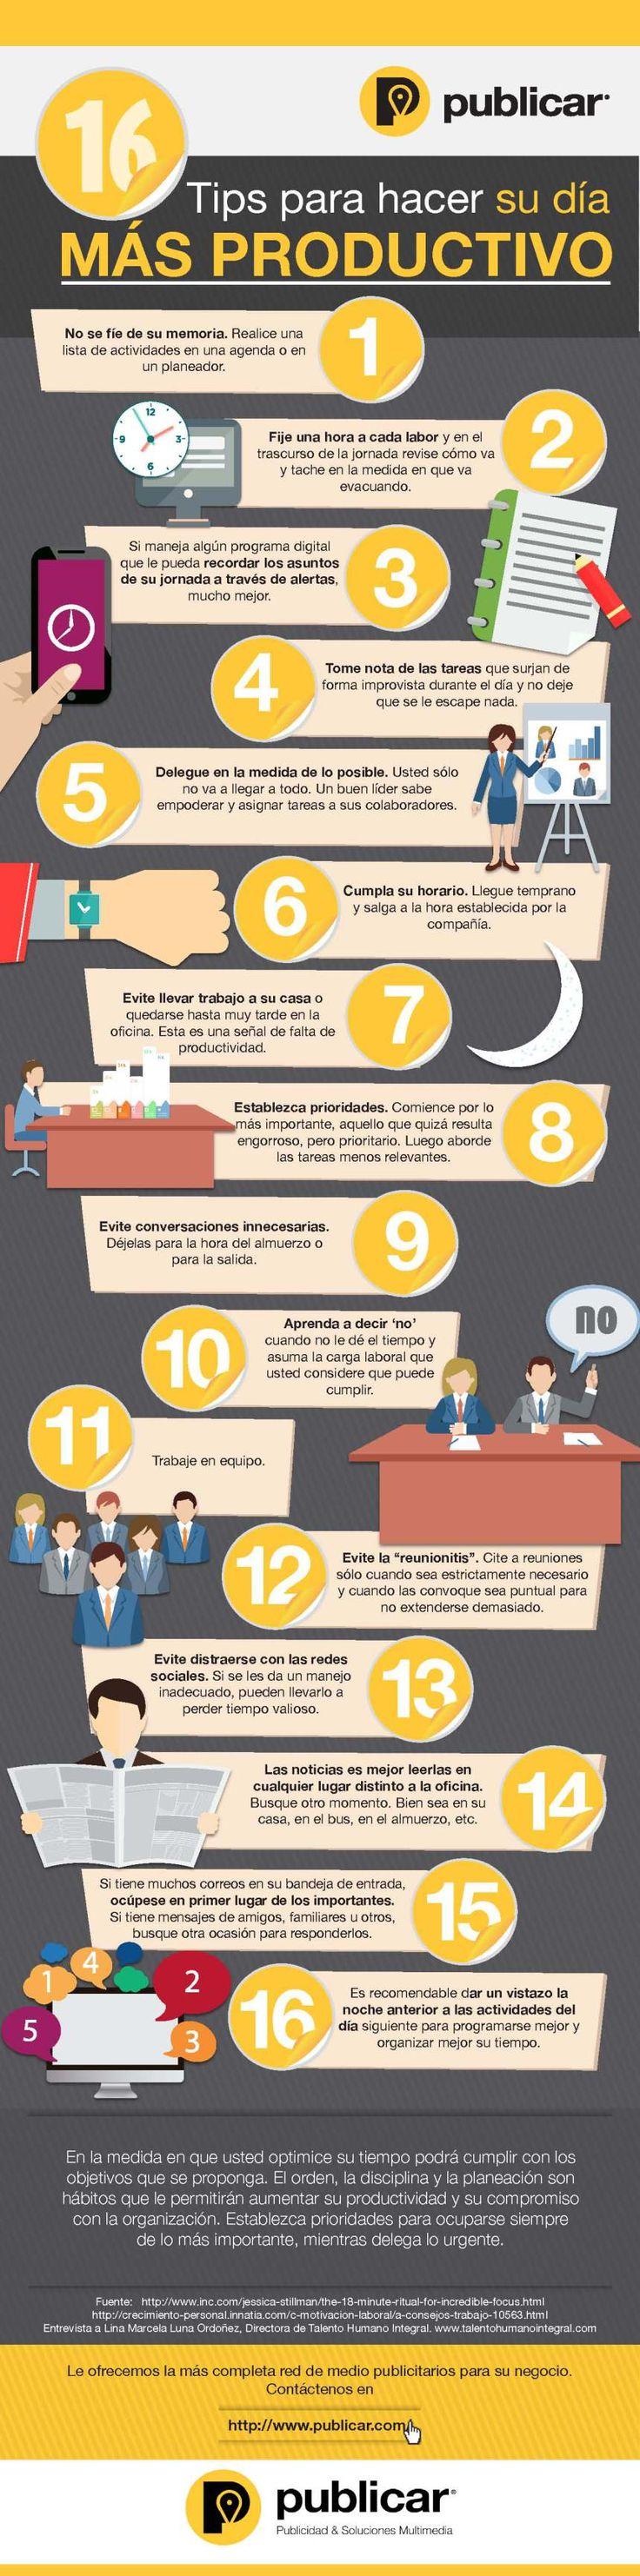 16 consejos para ser más productivo #infografia                                                                                                                                                                                 Más